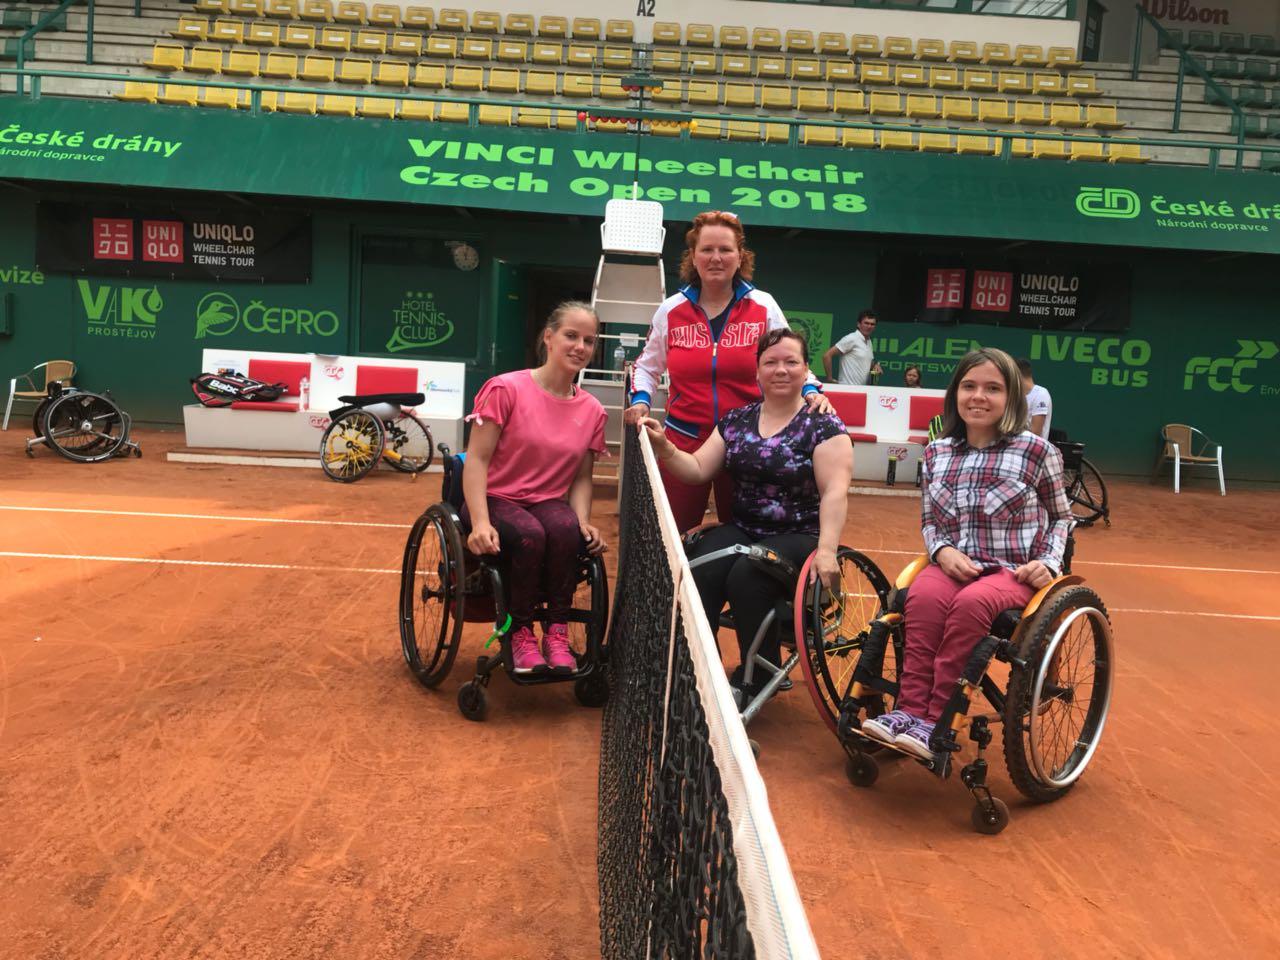 1 серебряную и 2 бронзовые медали завоевали российские спортсменки на международных соревнованиях по теннису на колясках в Чехии